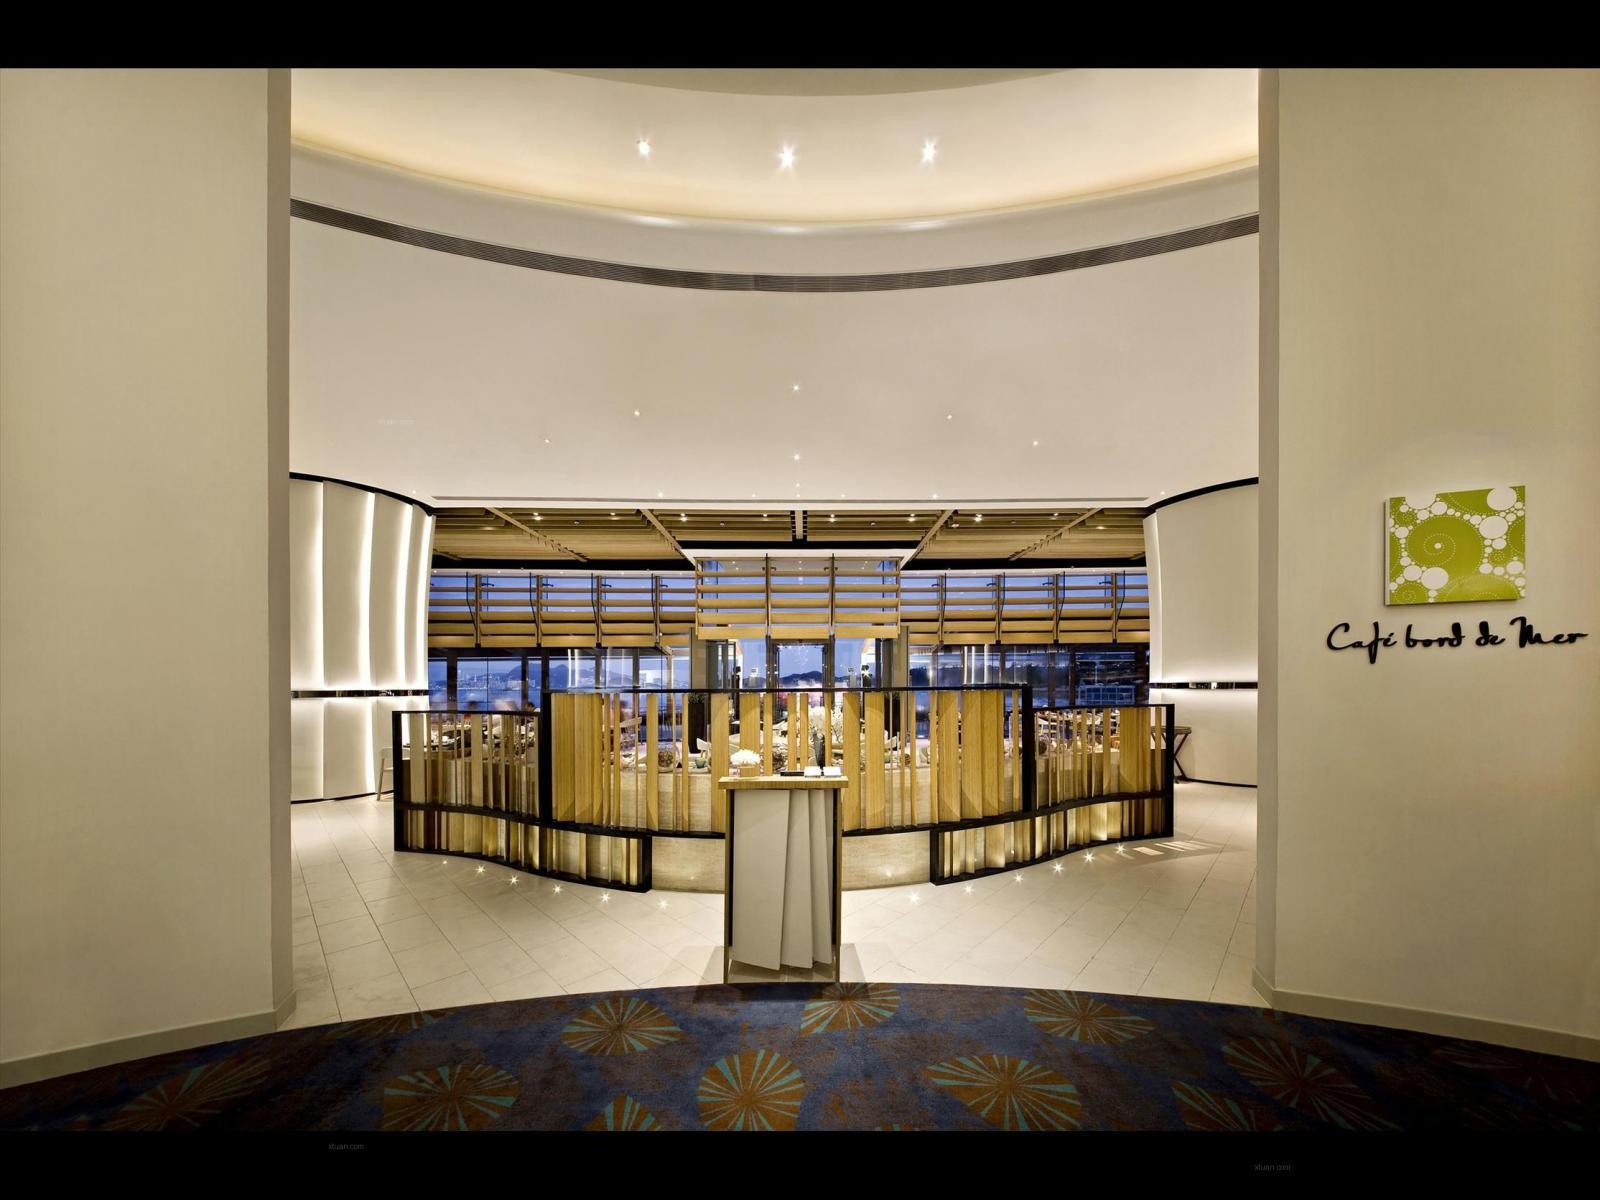 Cafe bord de Mer 海玥餐厅